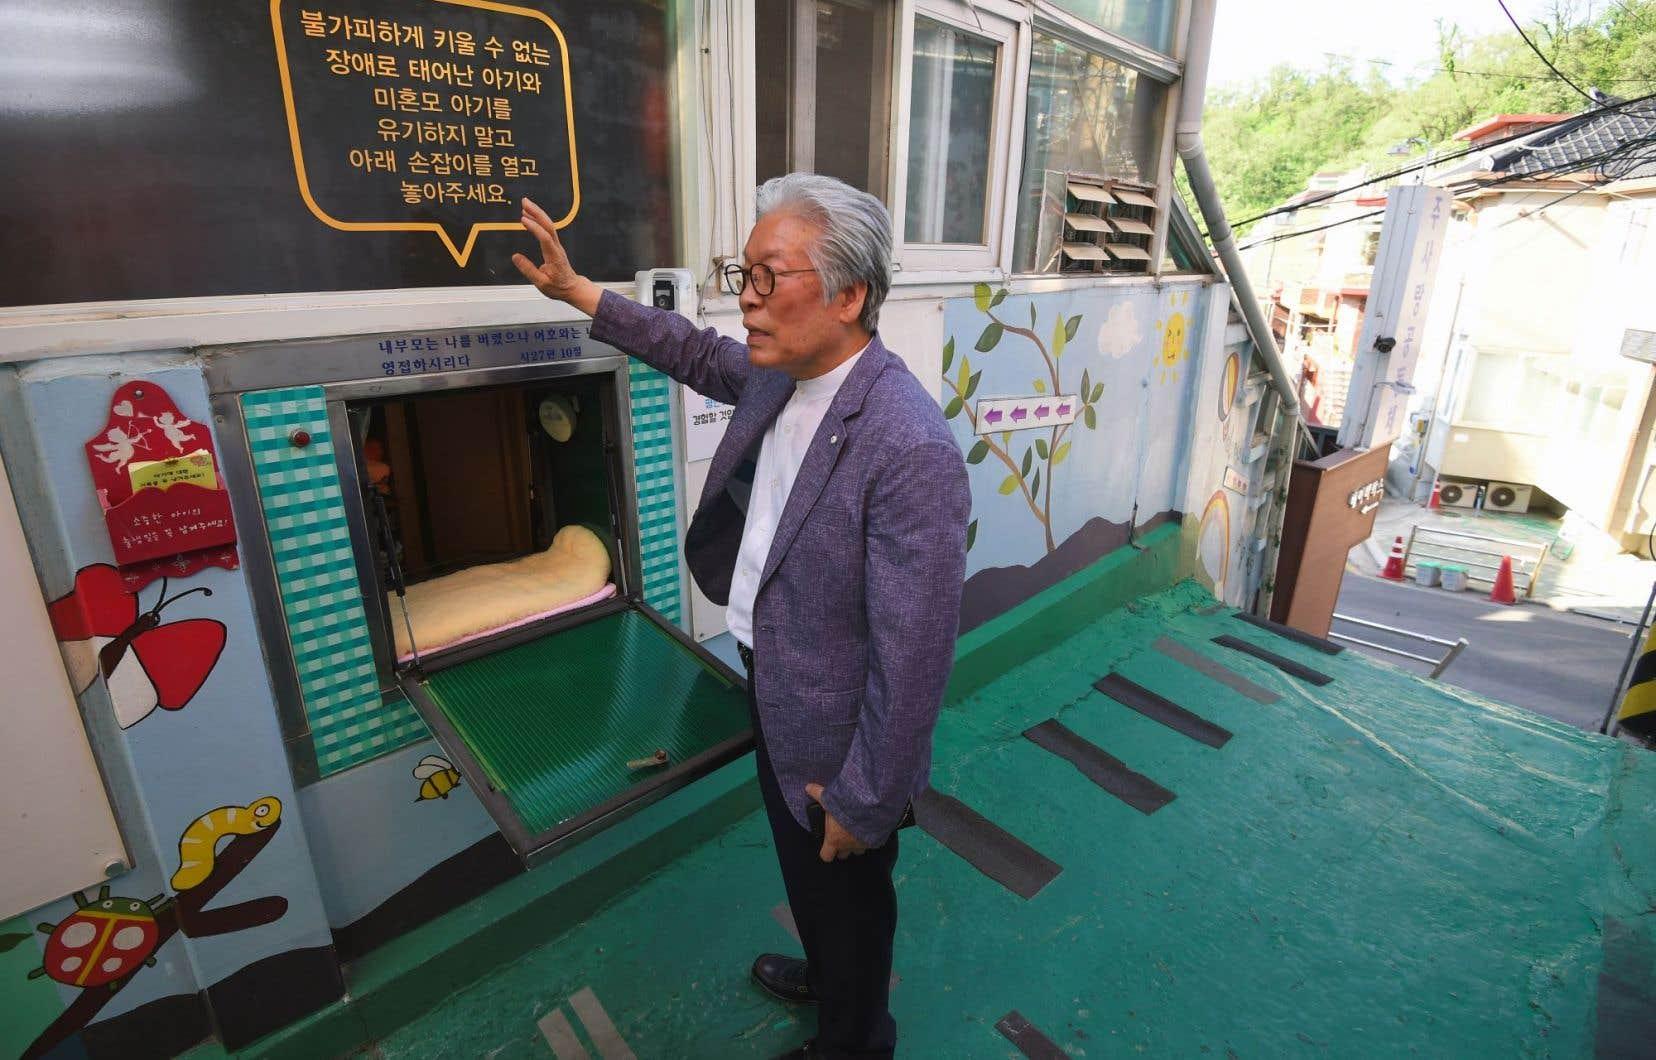 Le pasteur Lee Jong-Rak a créé ce dispositif en 2010 en apprenant que des bébés finissaient dans la rue.